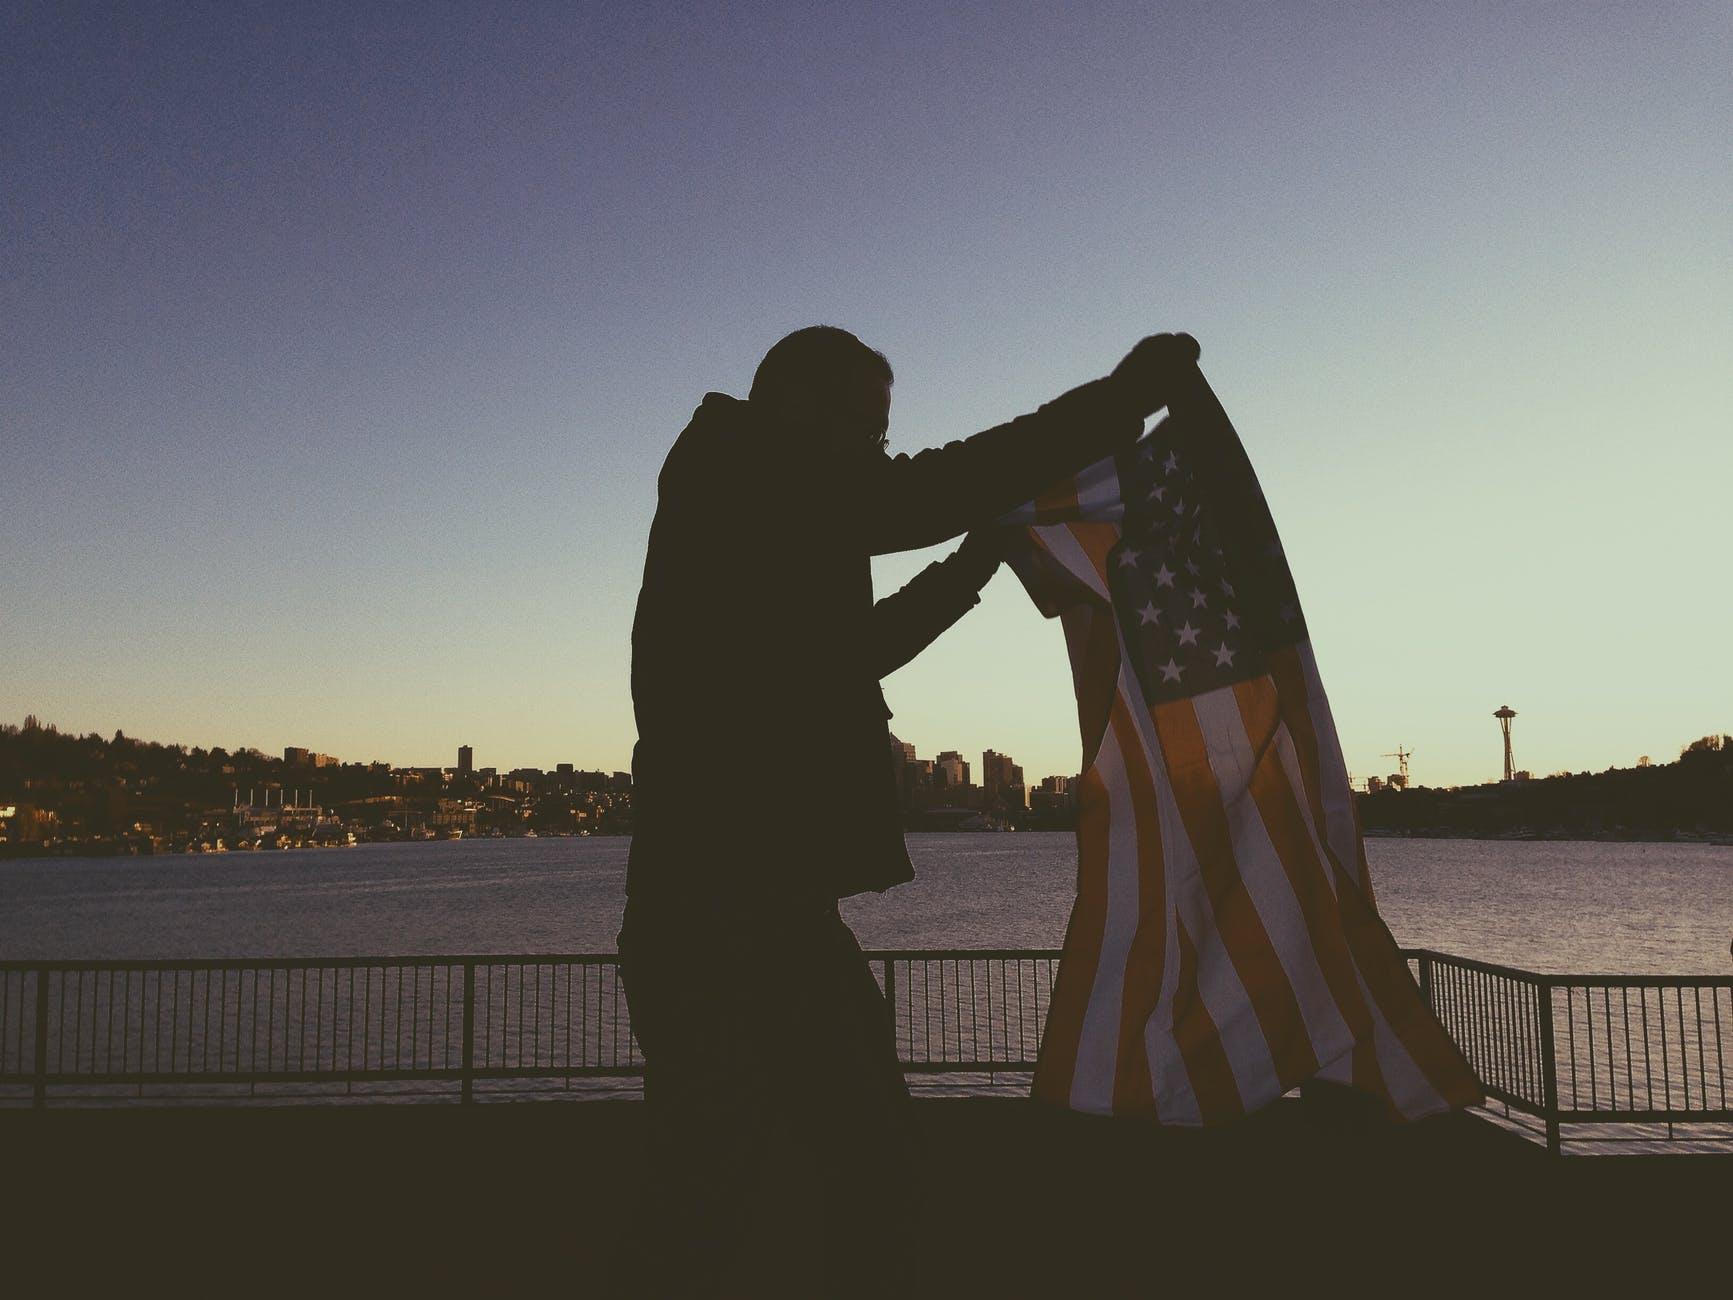 sunset-summer-flag-america.jpg